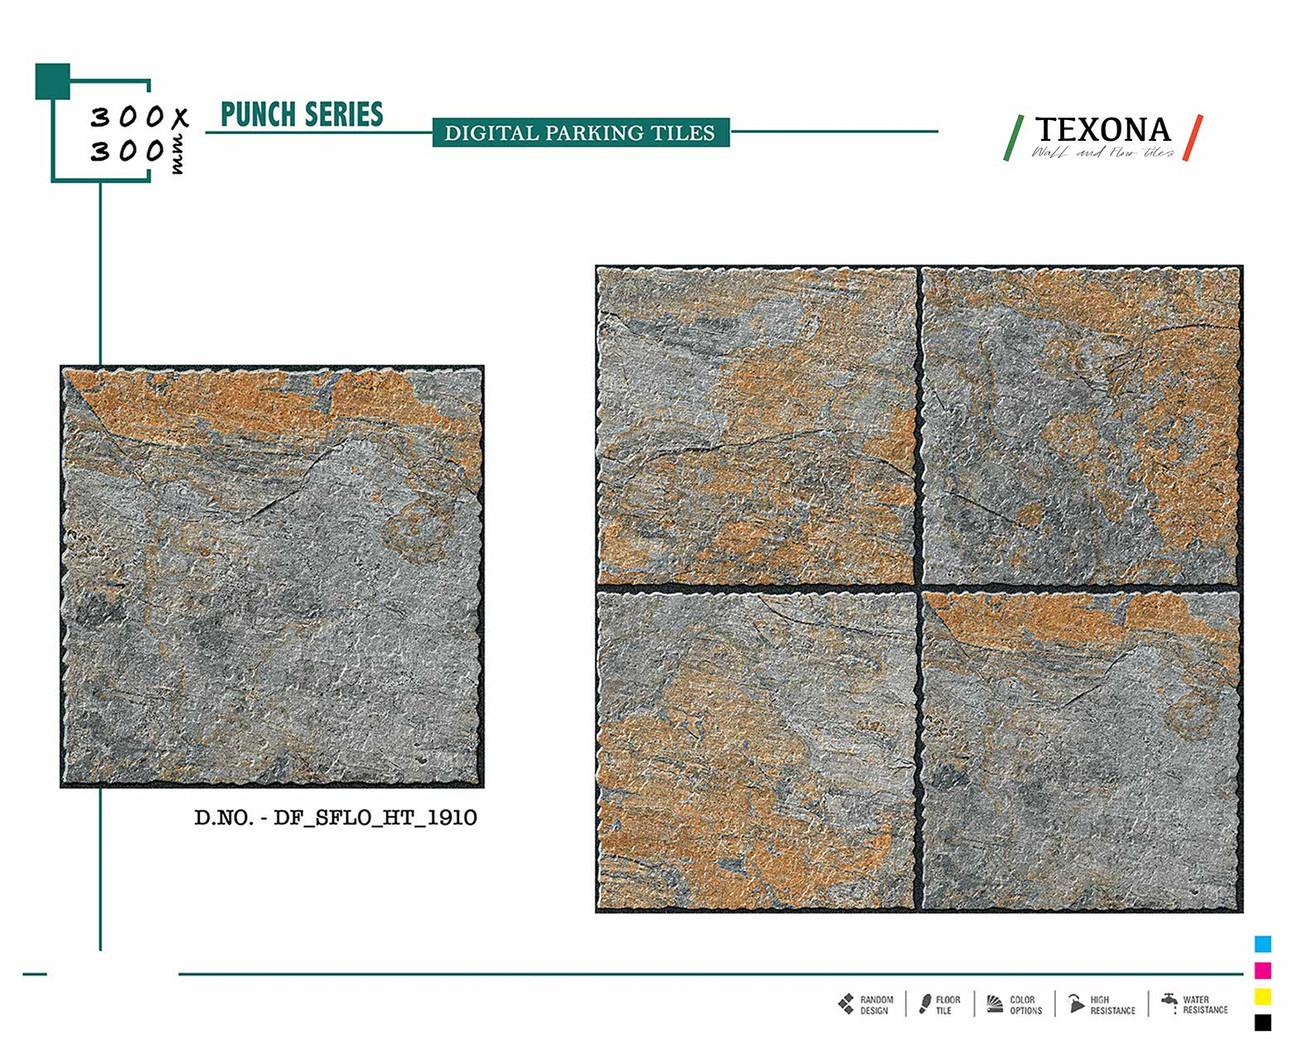 12X12 PARKING VOL.2_Page_05_Image_0001.j